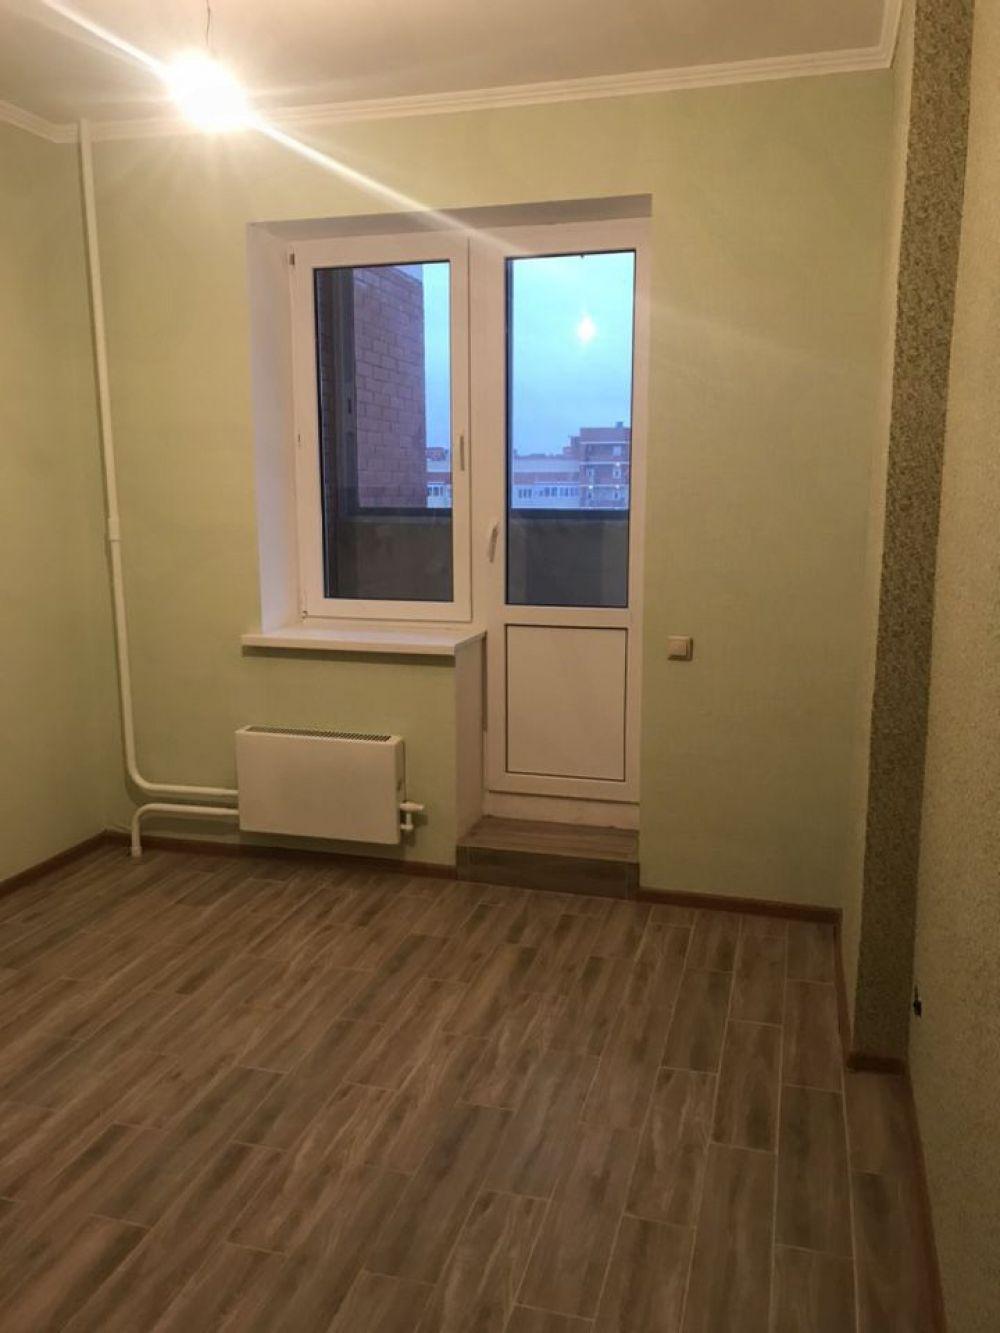 1-комнатная квартира п.Свердловский ЖК Лукино-Варино ул.Березовая д.8, фото 2